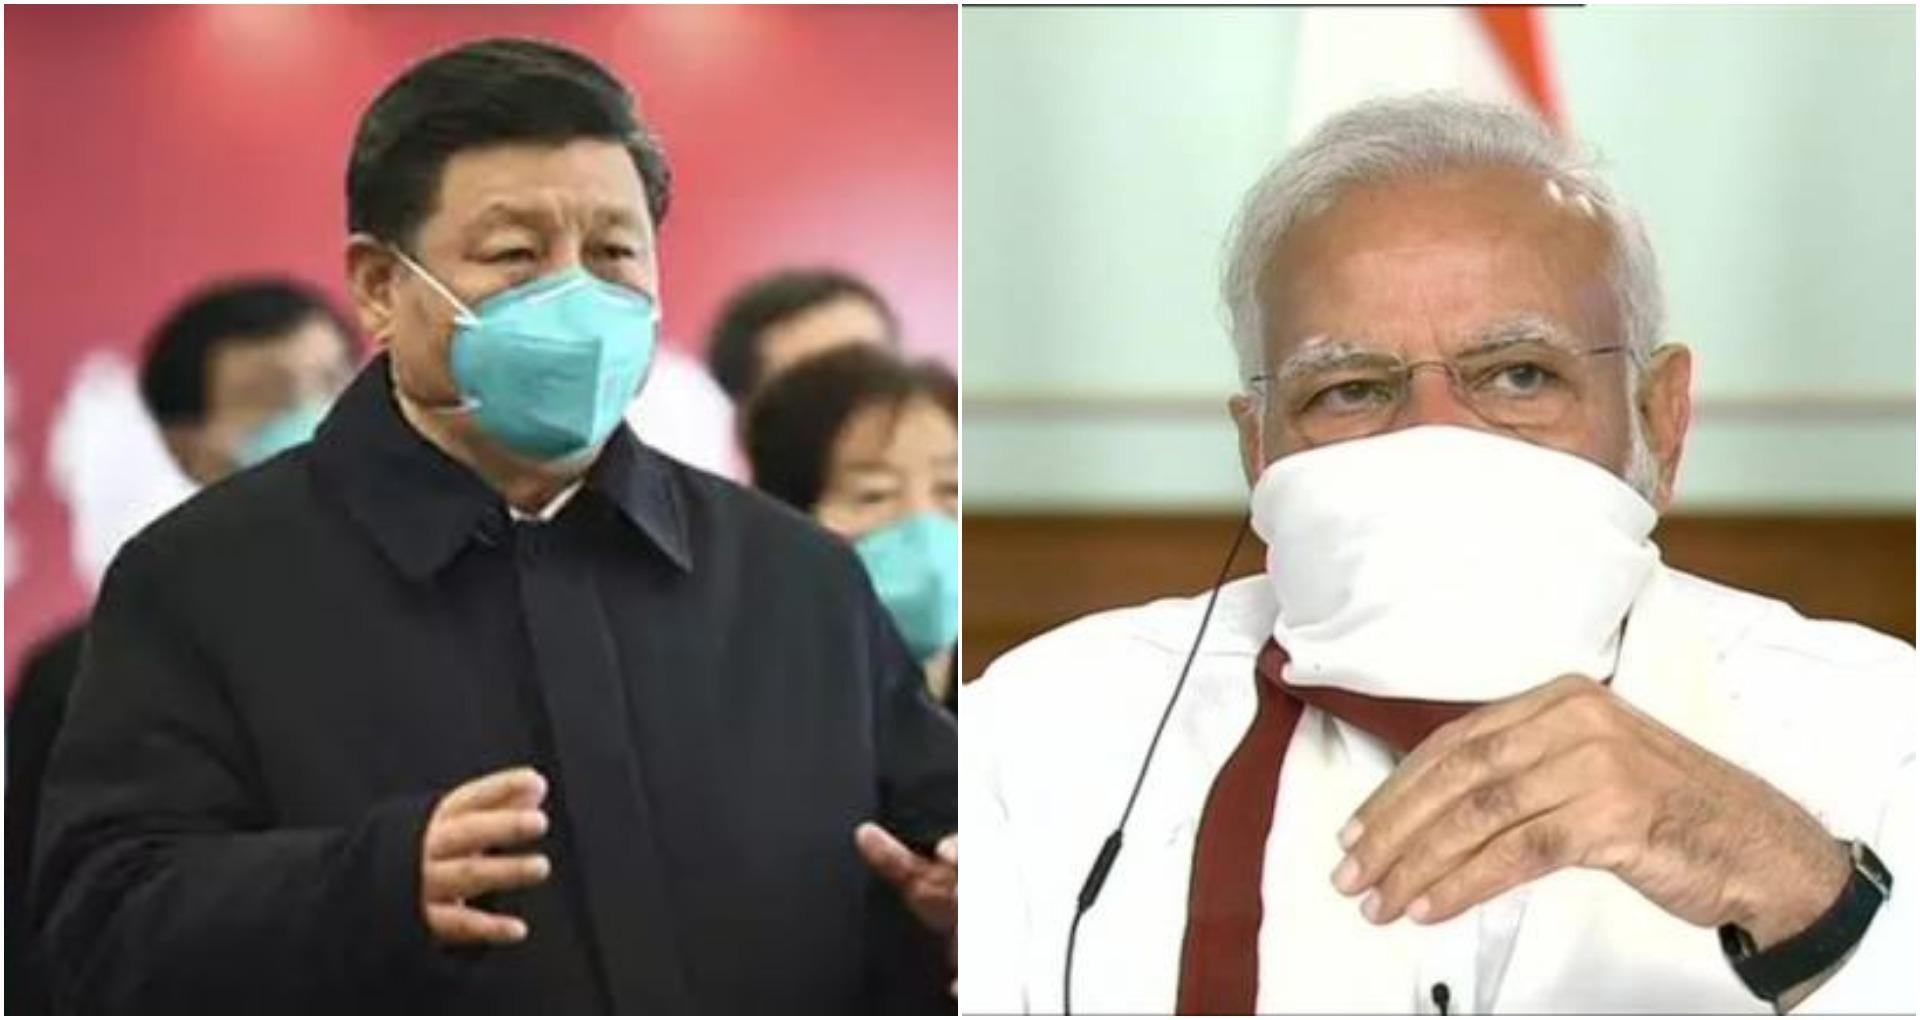 भारत ने किया Corona रैपिड एंटीबॉडी टेस्ट किट का ऑर्डर कैंसिल, चीन ने कहा- भारत के फैसले से…